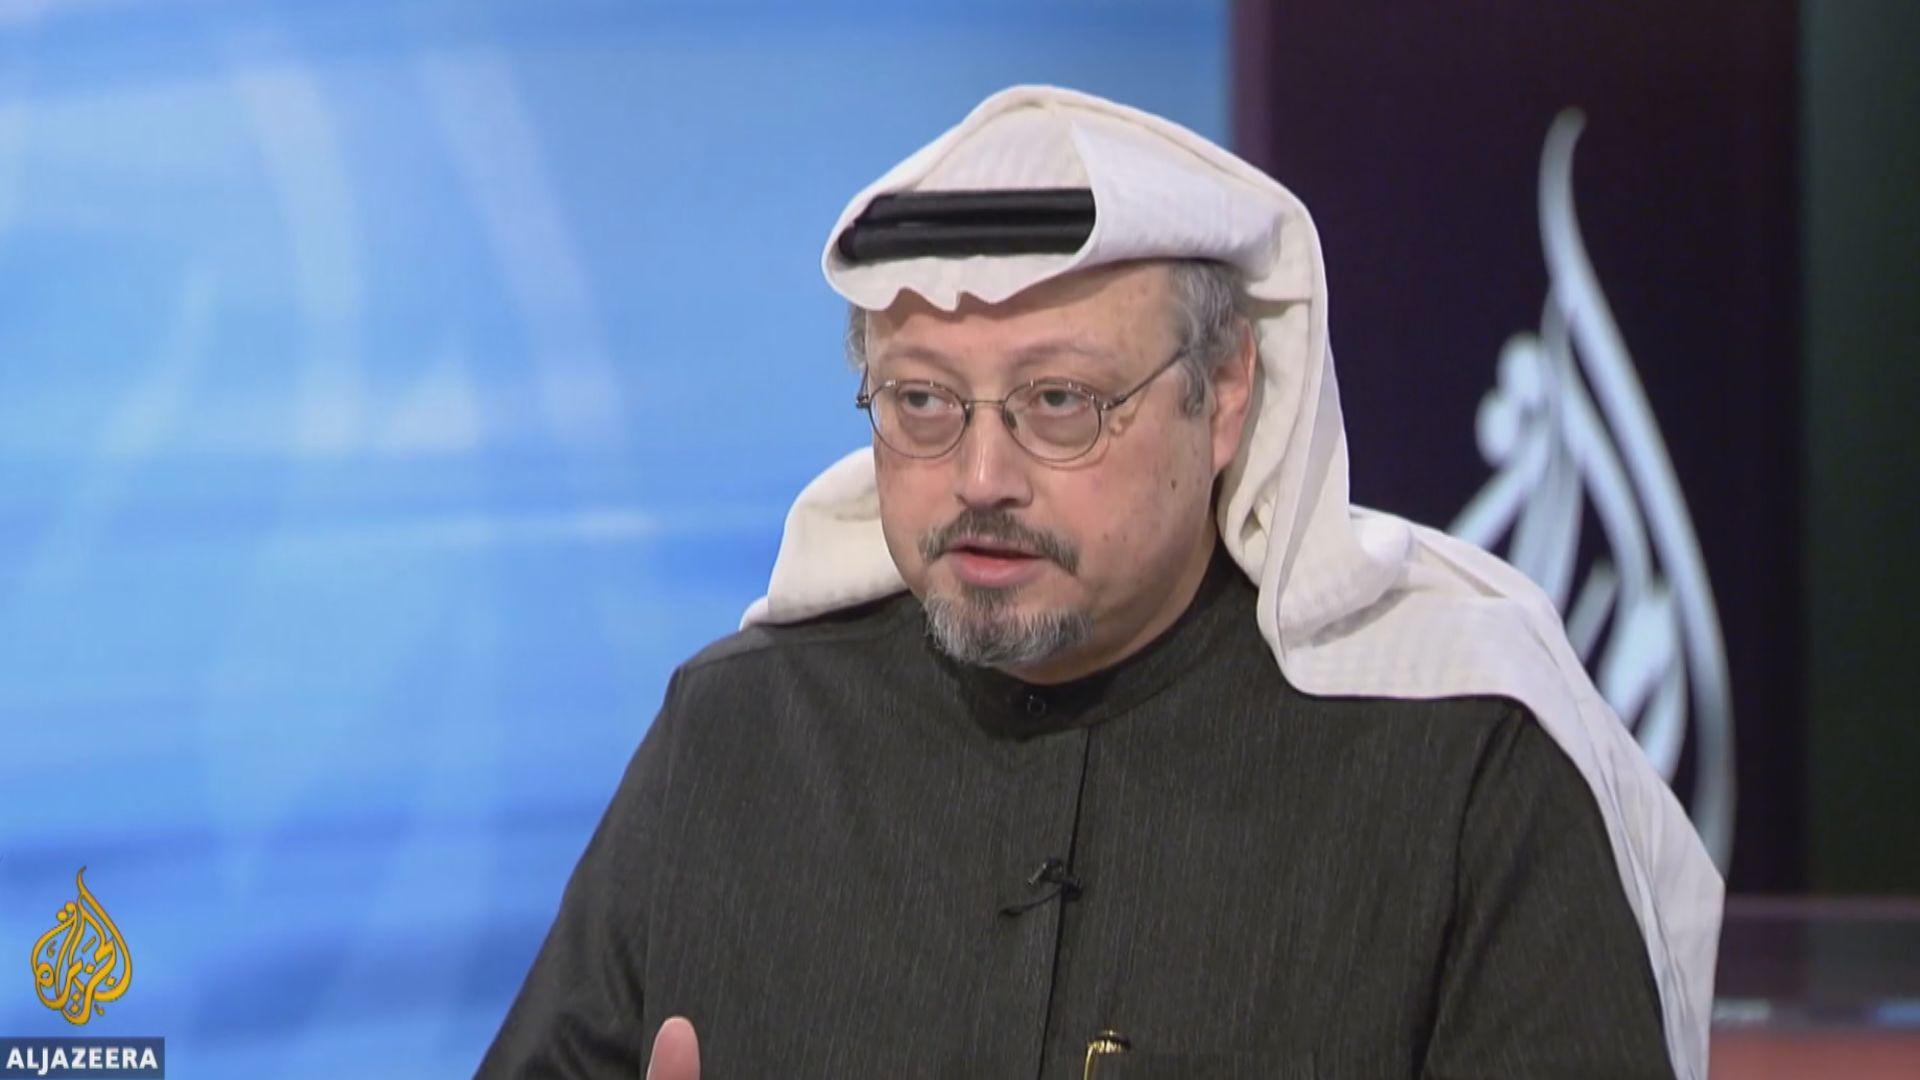 記者進入沙特駐土領事館後失蹤